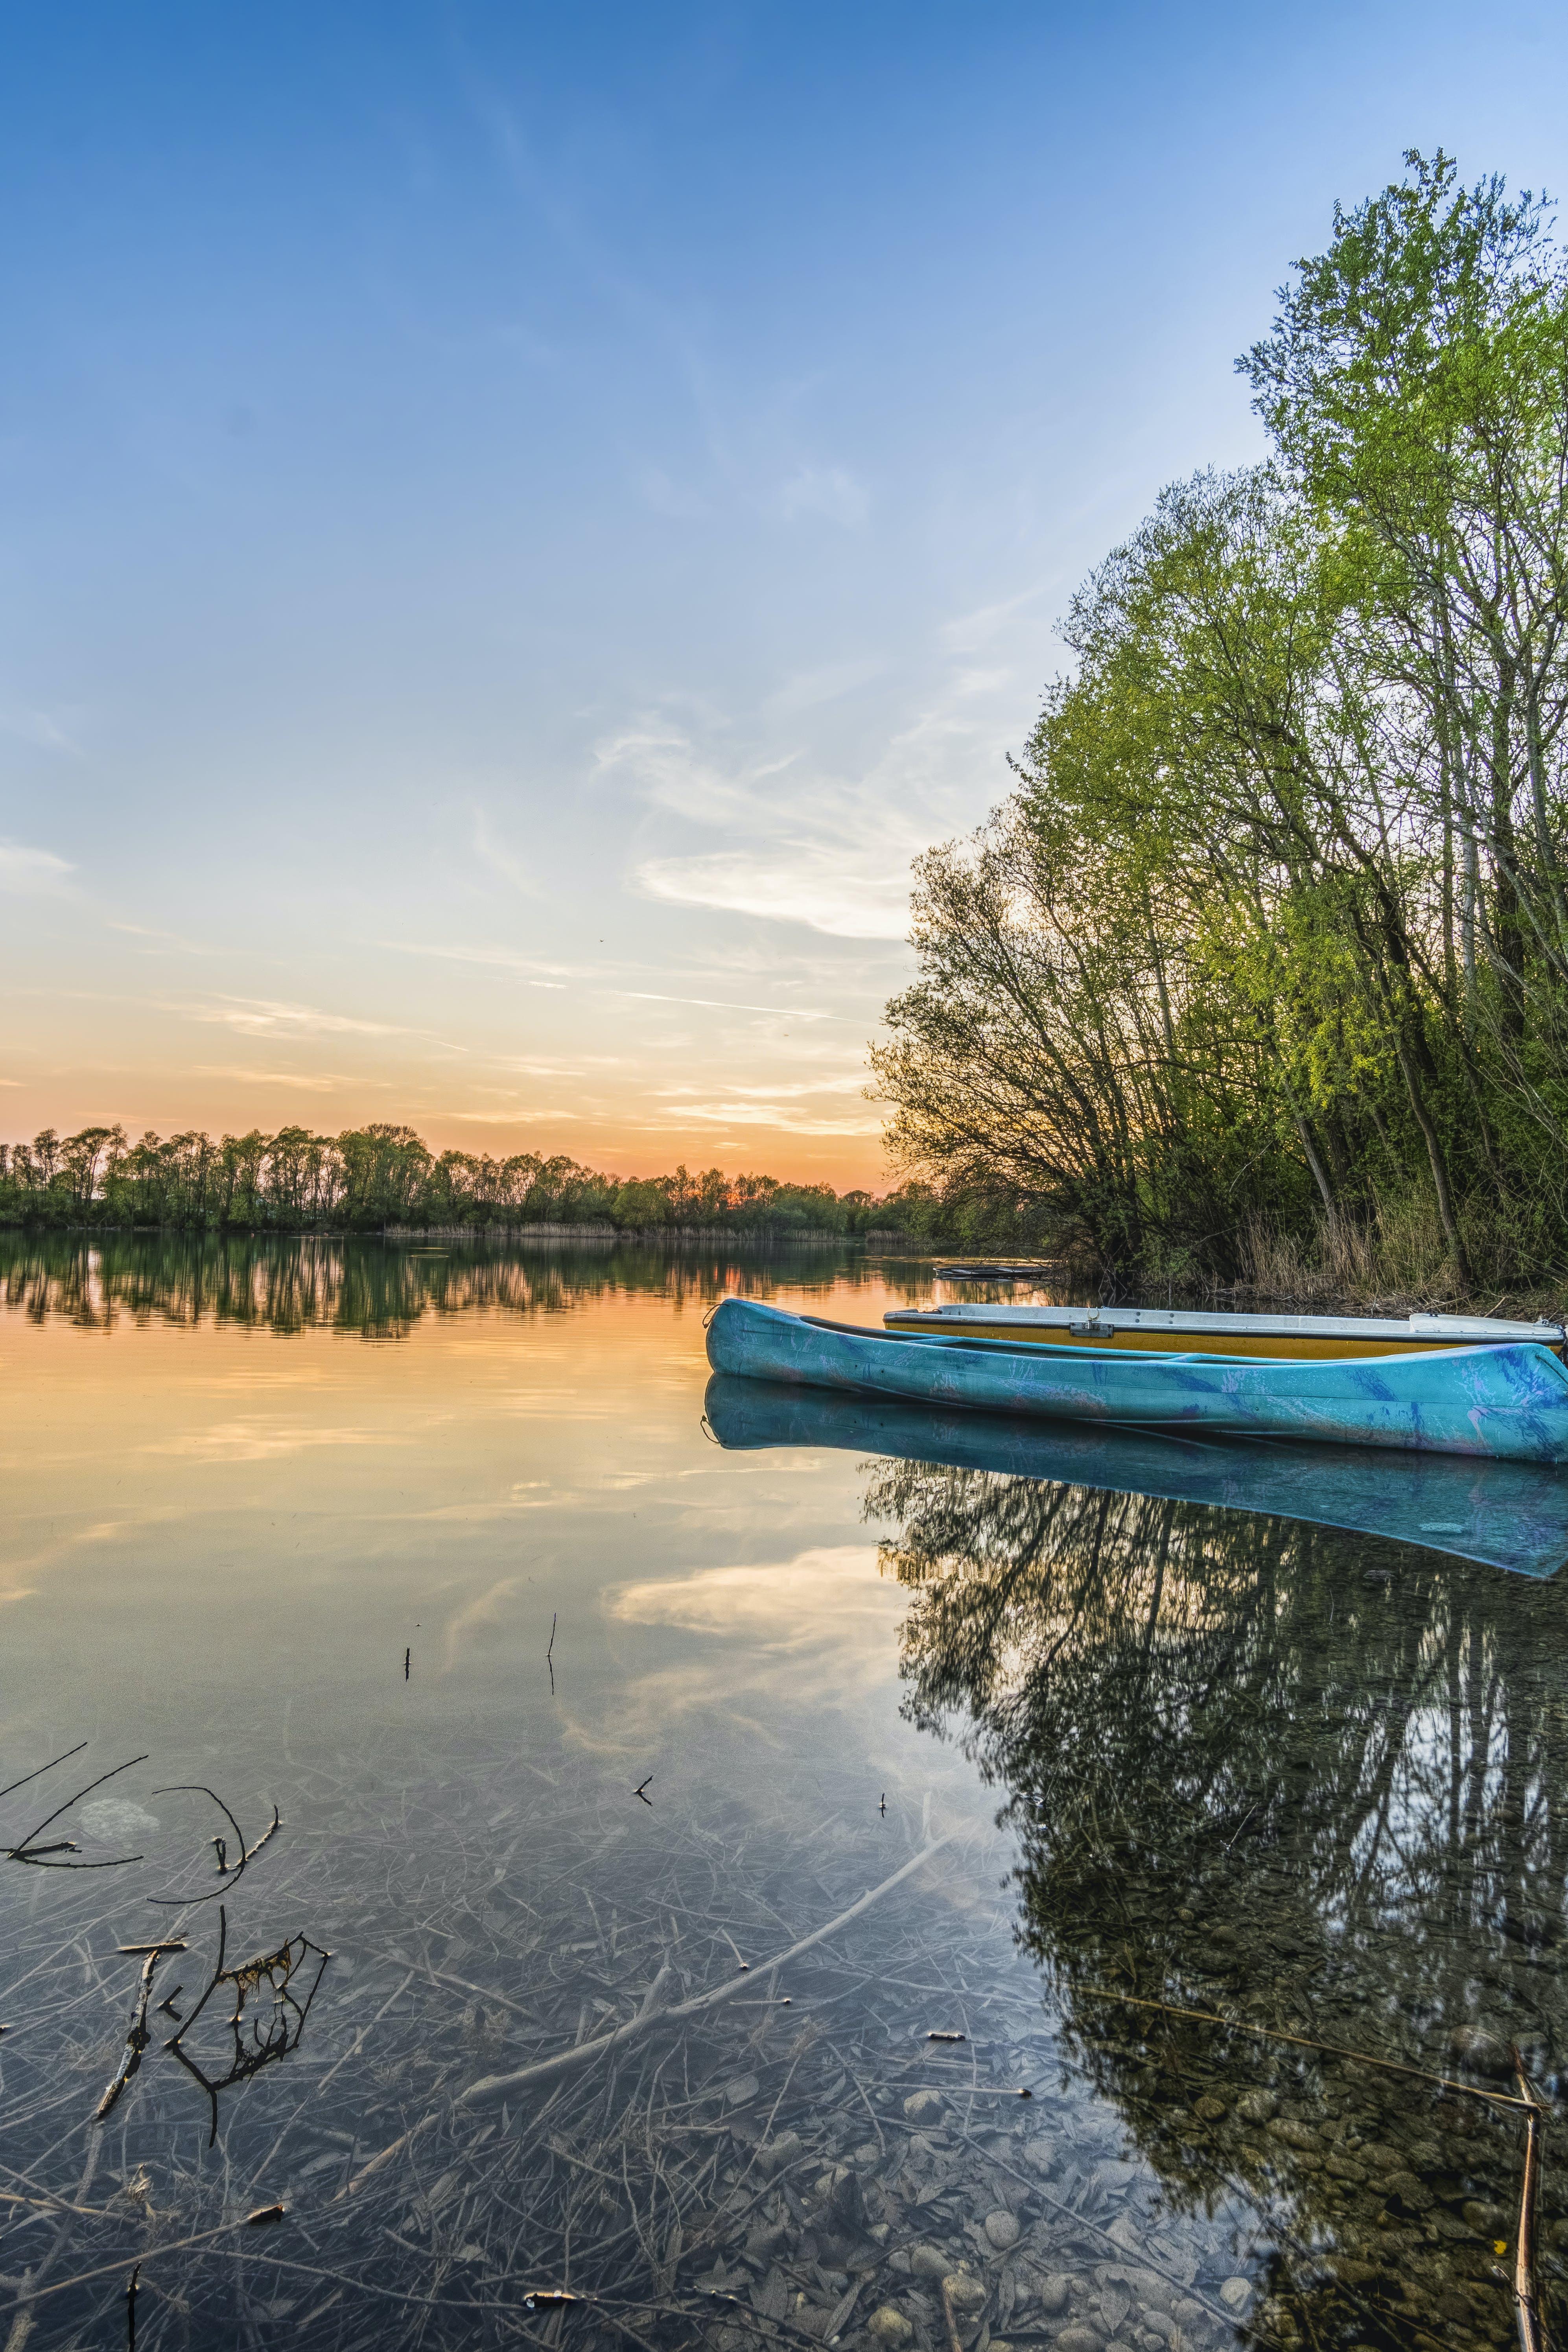 Δωρεάν στοκ φωτογραφιών με αντανακλάσεις, βάρκες, γραφικός, δάσος